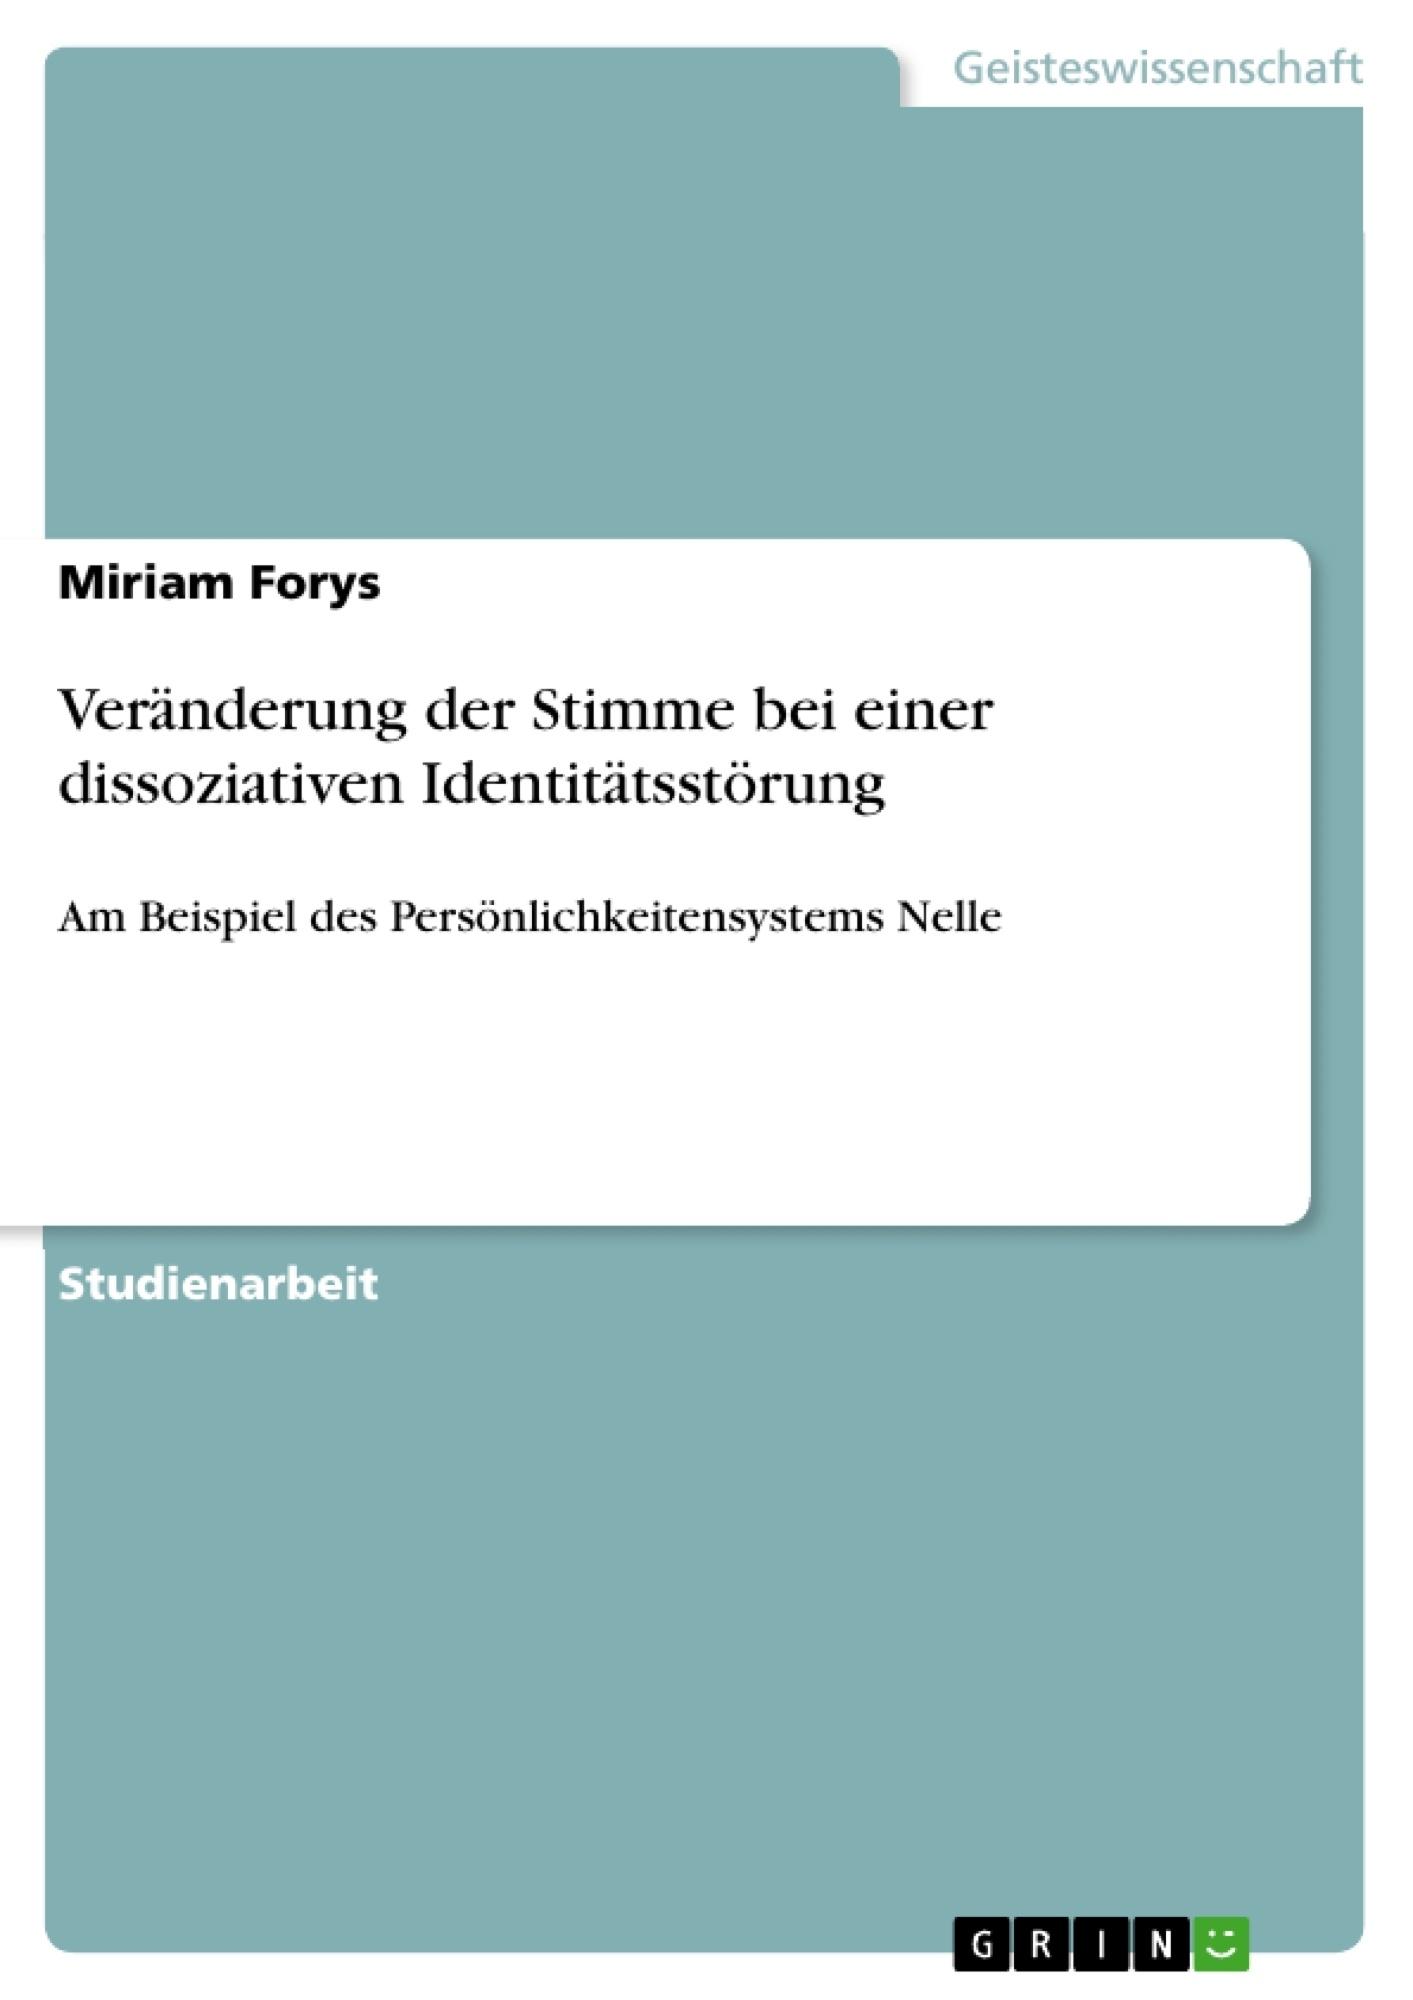 Titel: Veränderung der Stimme bei einer dissoziativen Identitätsstörung